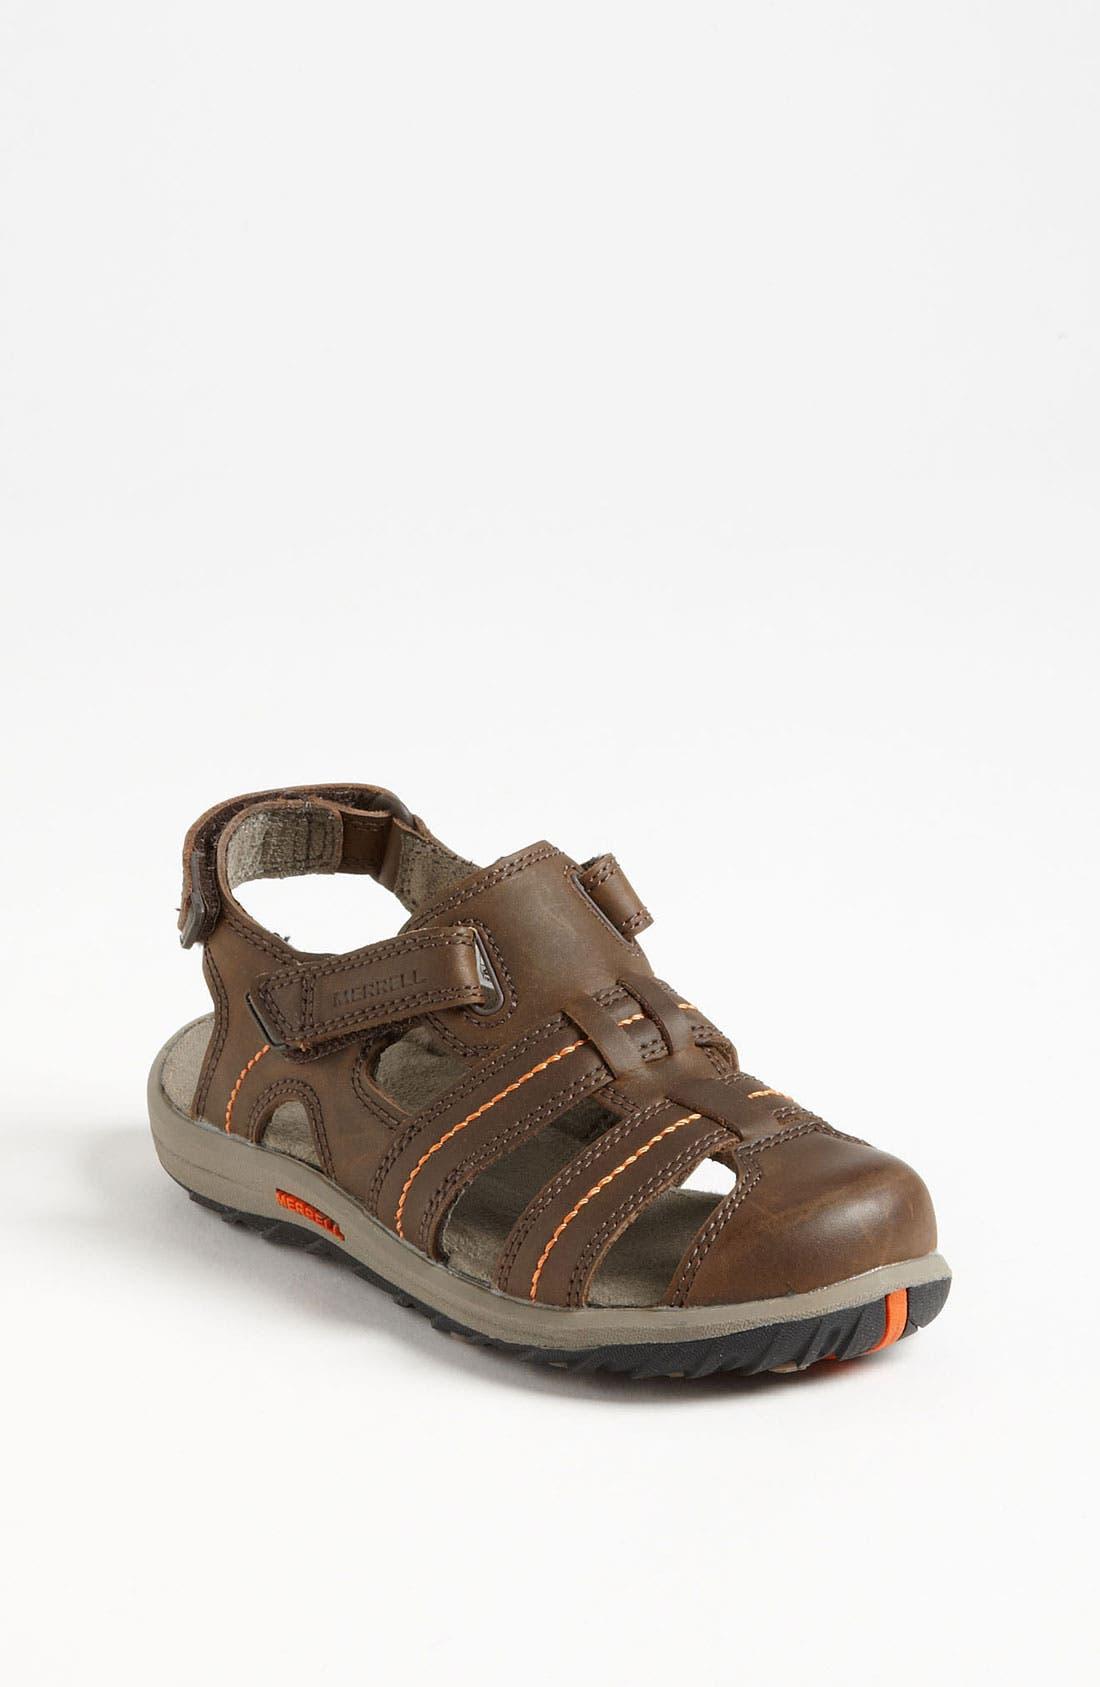 Alternate Image 1 Selected - Merrell 'Sidekick Deck' Sandal (Toddler, Little Kid & Big Kid)